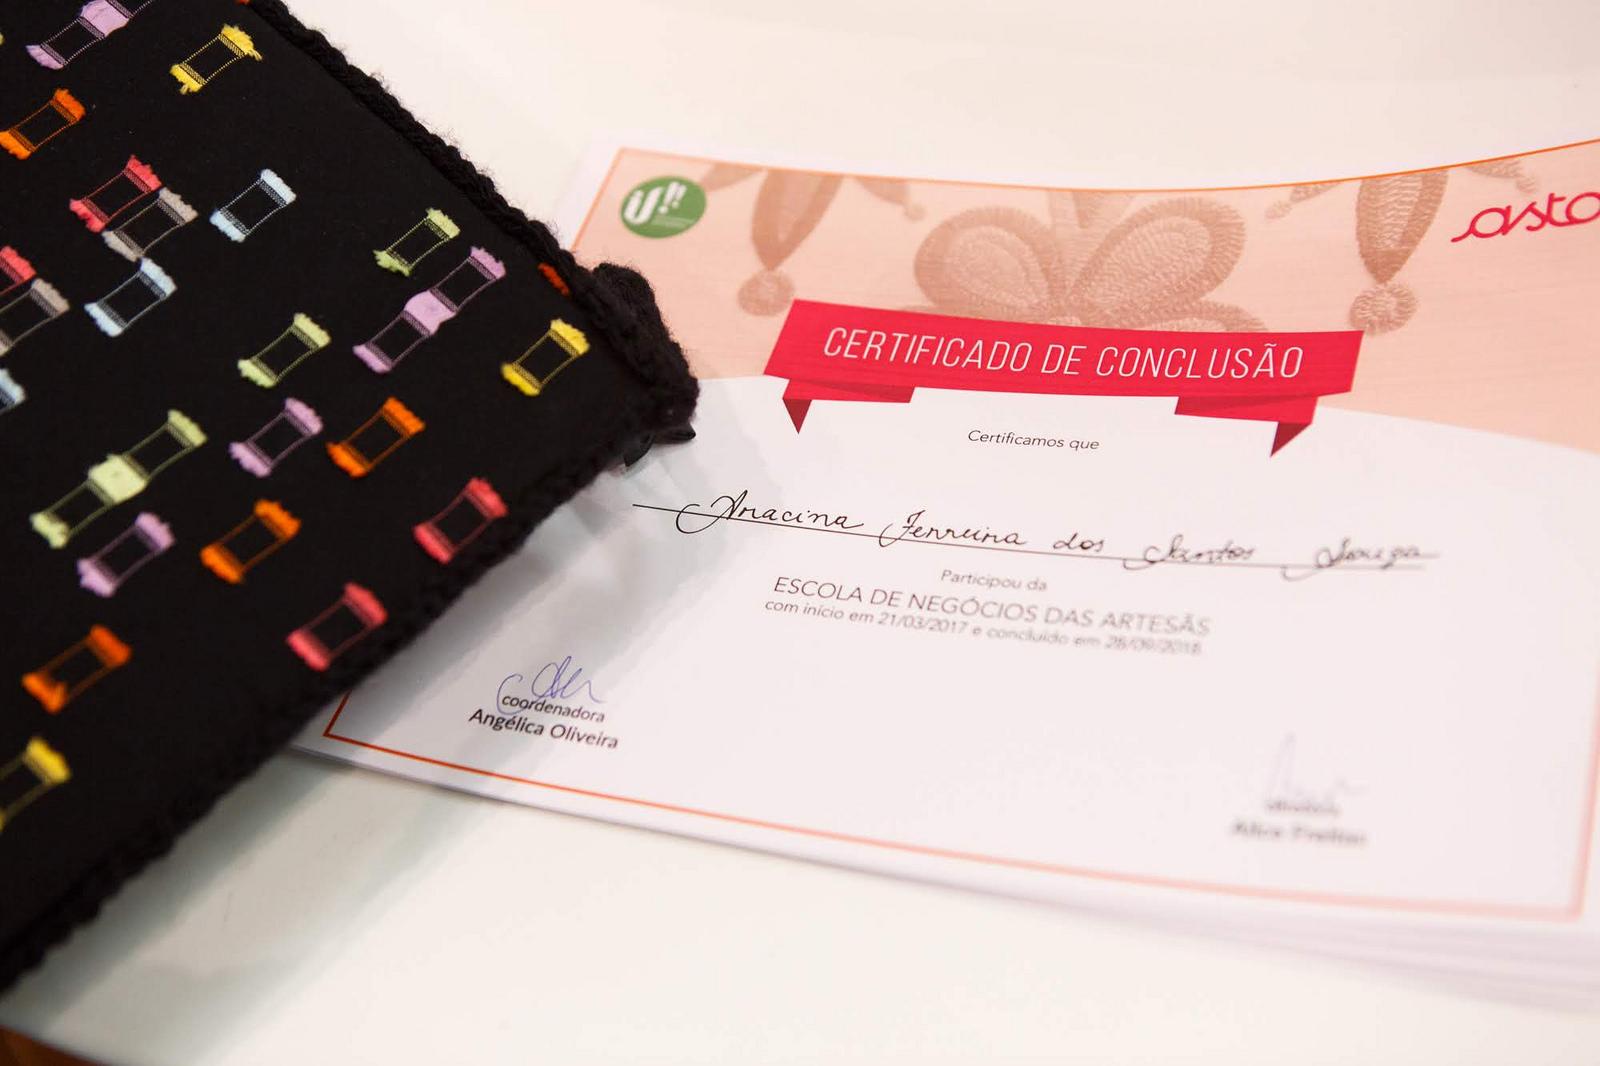 Certificado de conclusão de curso da Escola de Negócio das Artesãs da Rede Asta em parceria com a IF! com capelo ao lado